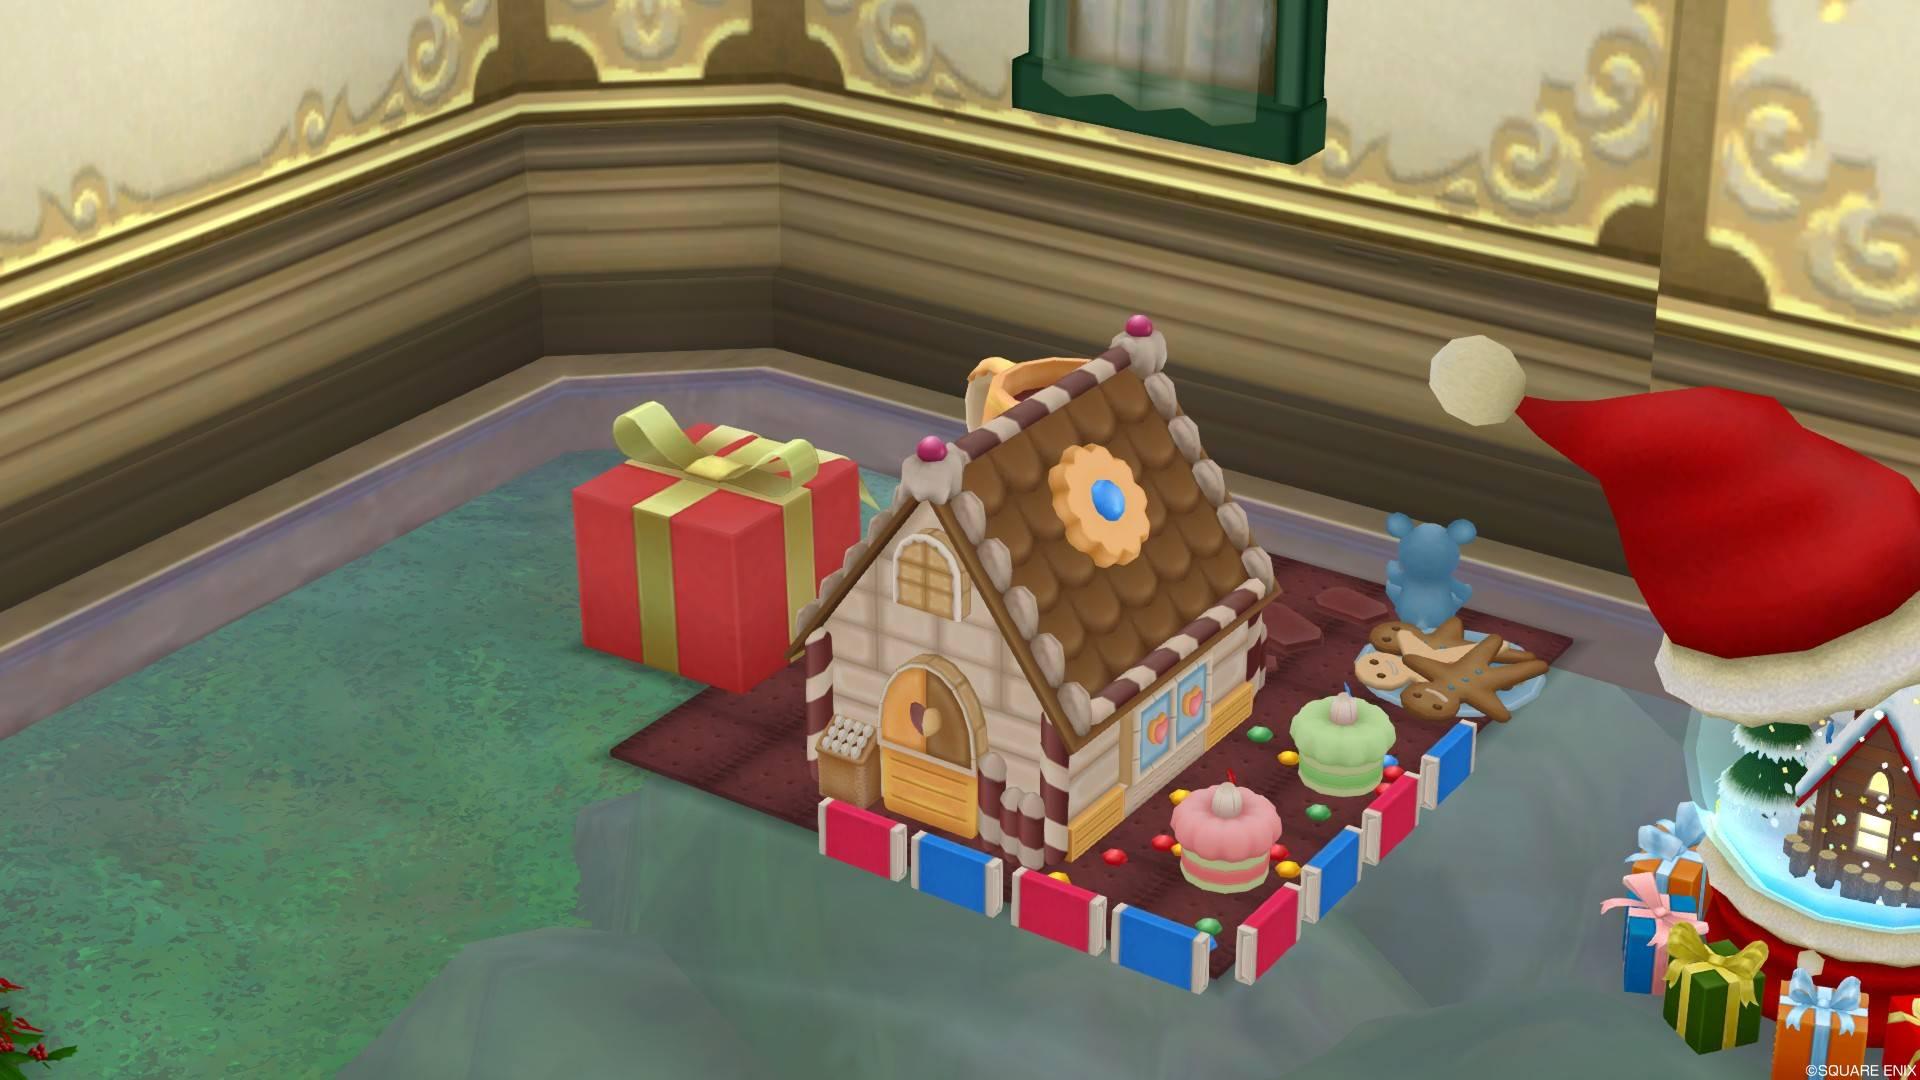 2017年新作クリスマス家具お菓子の家セット2